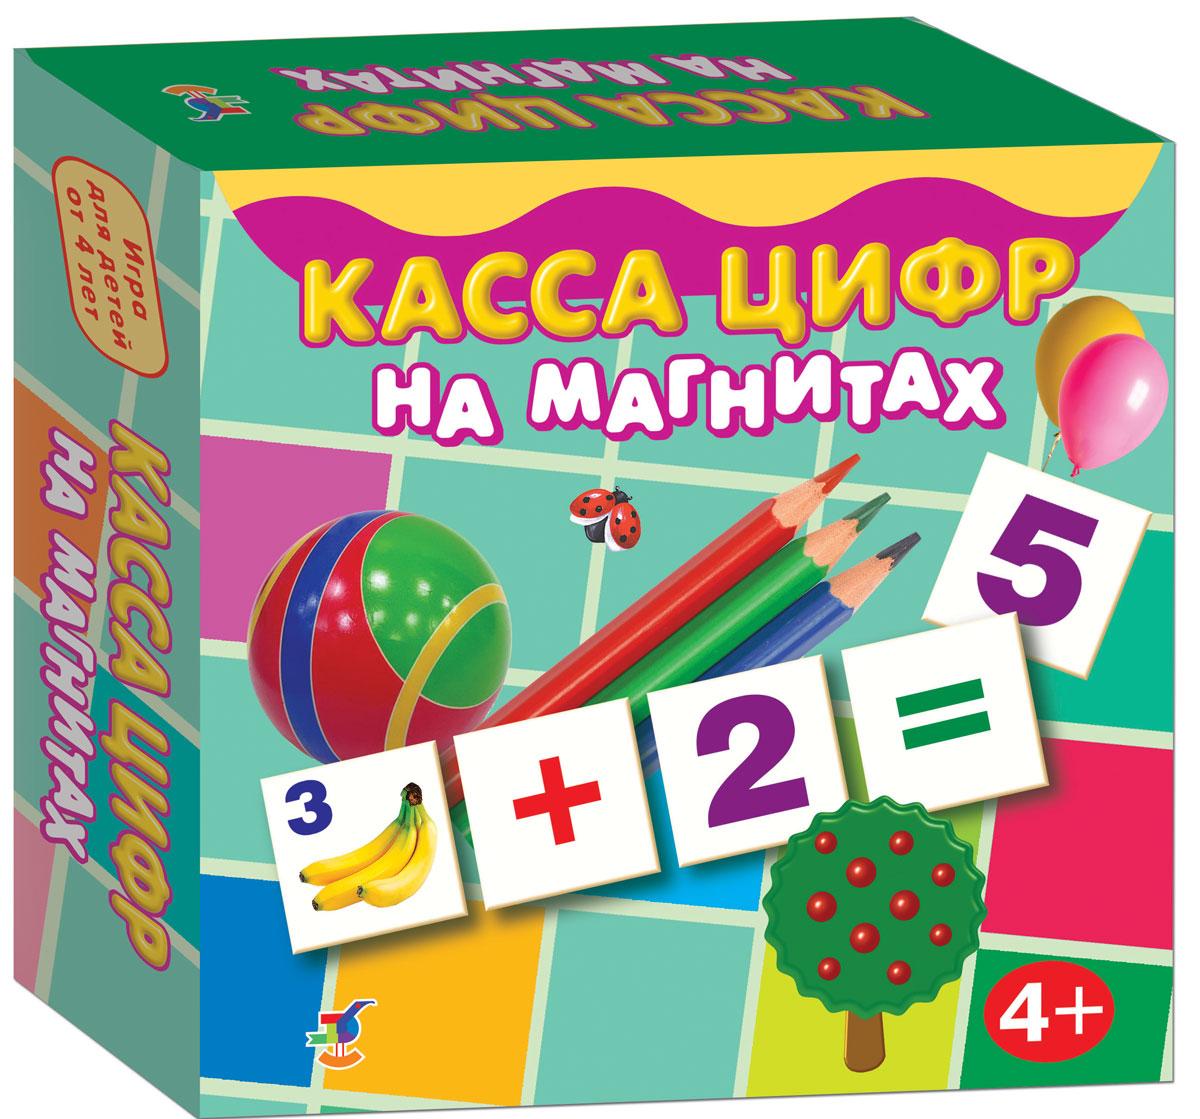 Дрофа-Медиа Касса цифр на магнитах2557Касса цифр представляет собой уже готовые к использованию, разрезанные карточки с приклеенными сзади магнитами, которые можно прикрепить на холодильник или магнитную доску. Игра развивает наблюдательность и внимание, может стать прекрасным методическим пособием. Игра знакомит с цифрами и числами, учит порядковому счету и сравниванию чисел, записи многозначных чисел, составлению и решению примеров.